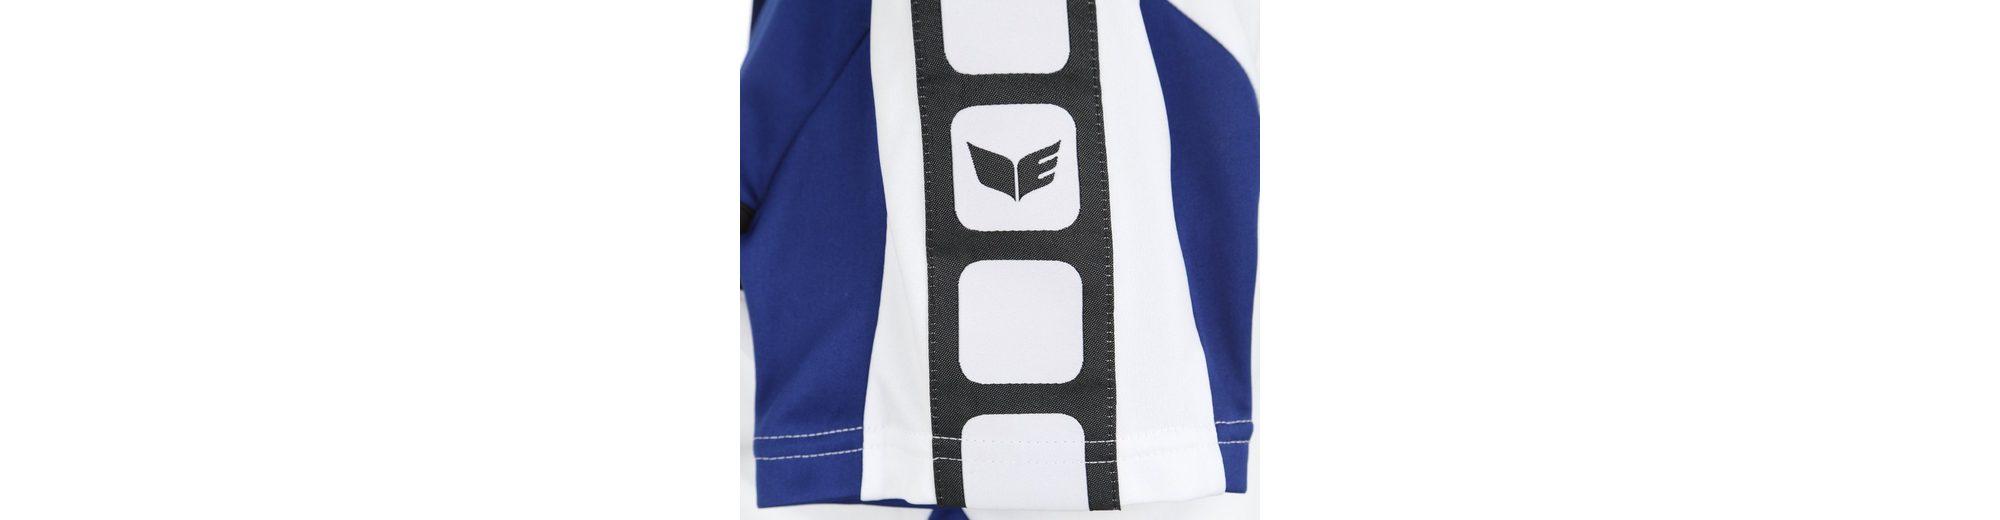 ERIMA 5-CUBES Poloshirt Damen Großhandelspreis Verkauf Online Kostengünstig Auslass Neue Ankunft Spielraum Kauf oGMnq89N